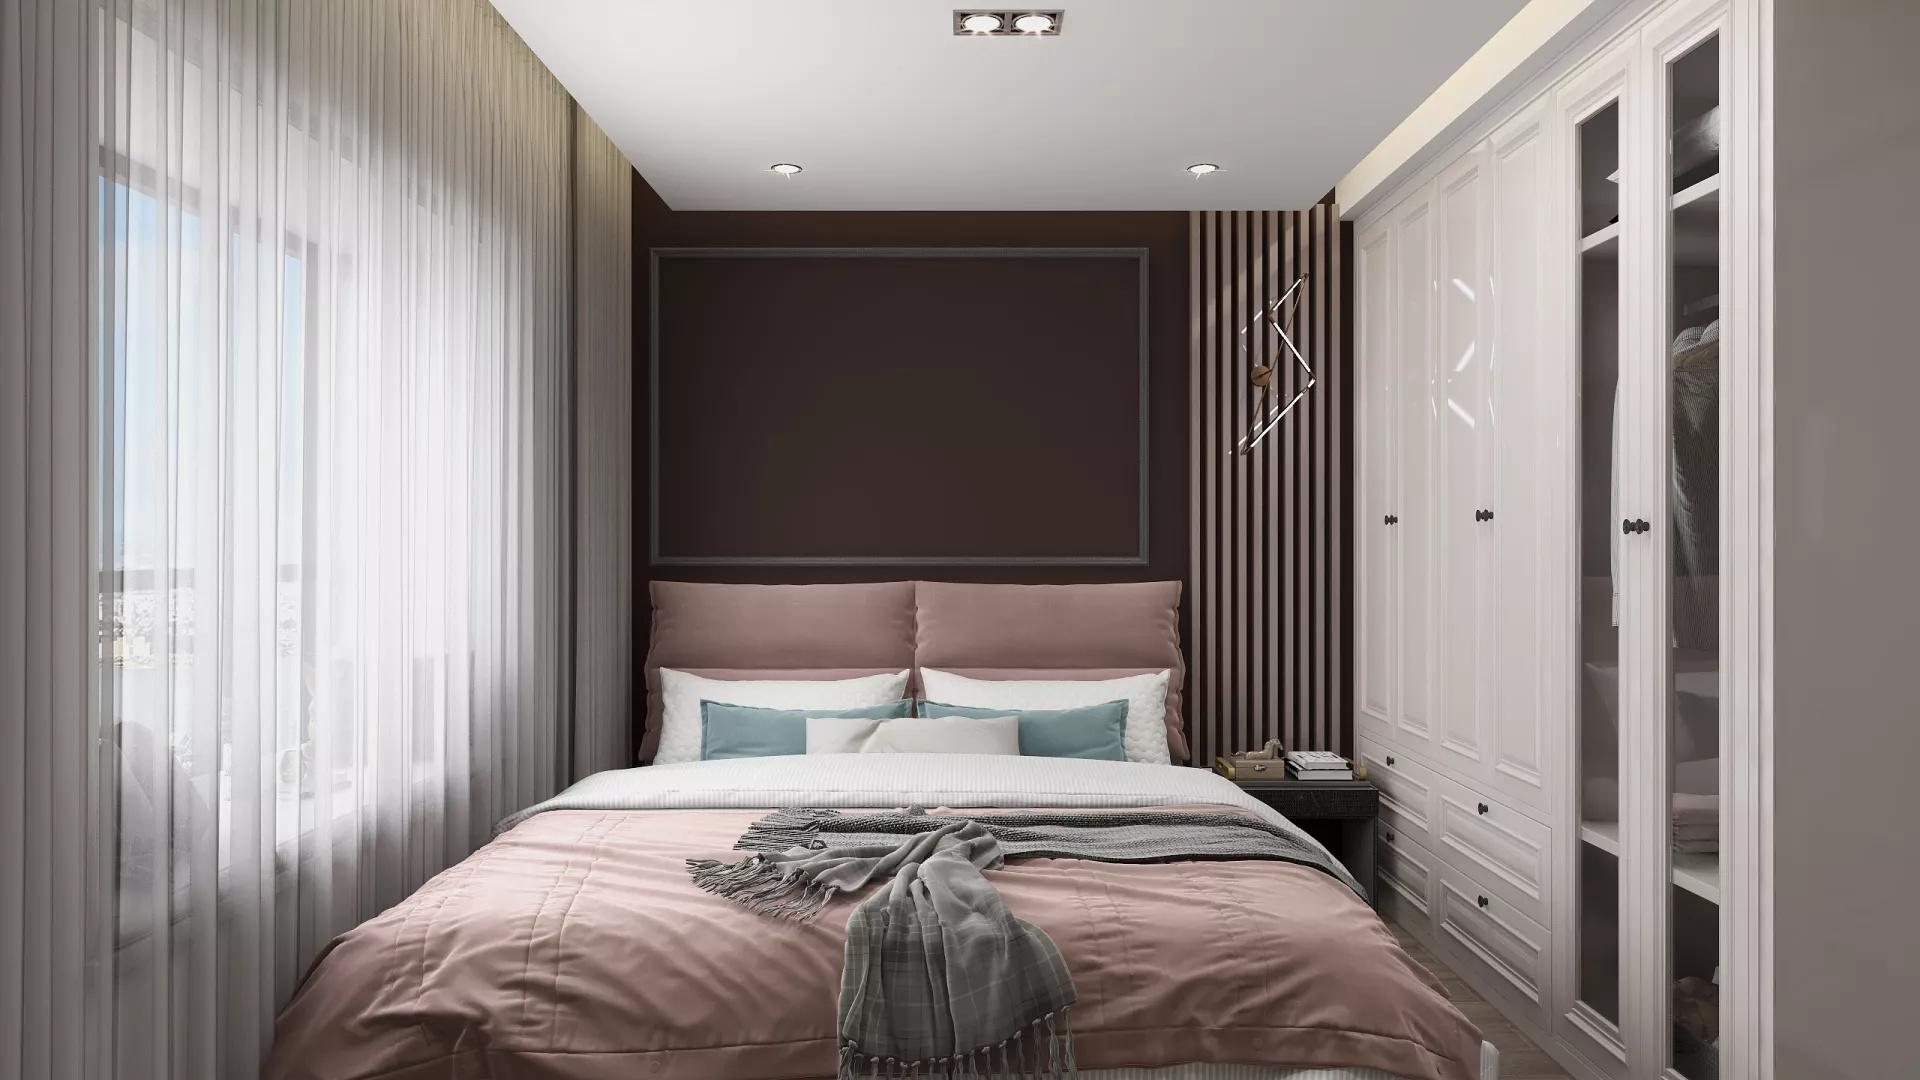 卧室颜色选哪一种好 卧室颜色风水有什么讲究